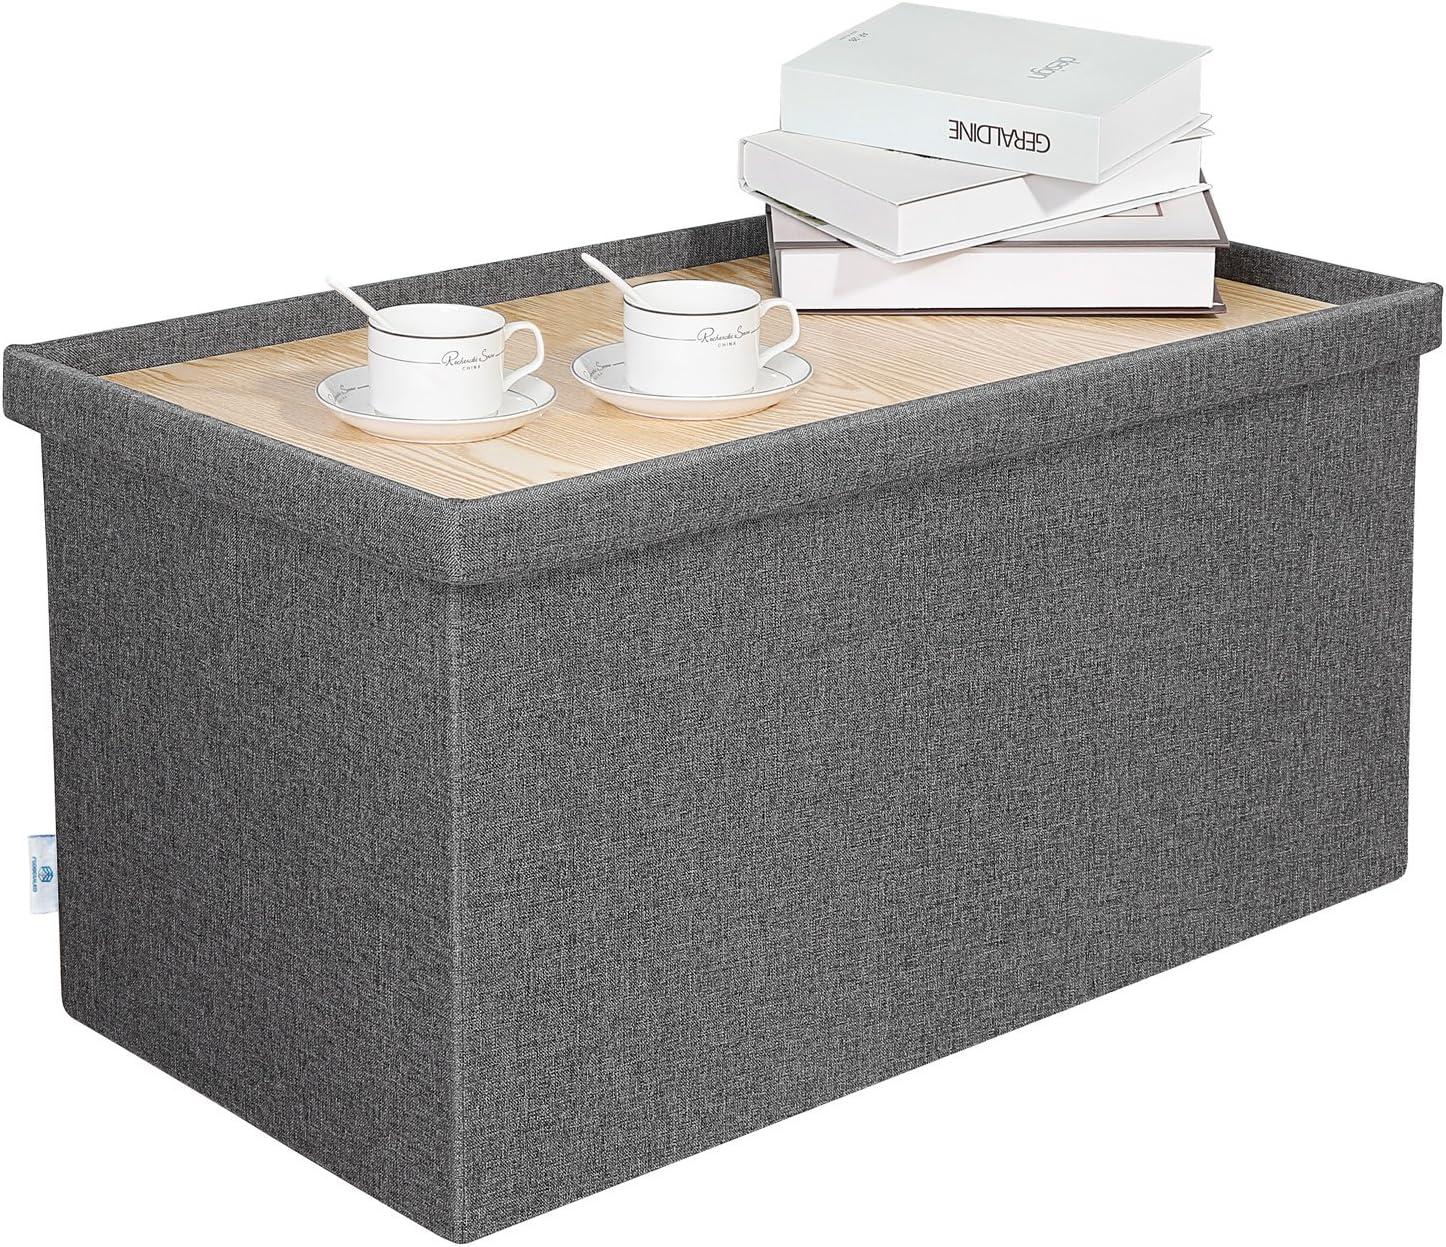 - Amazon.com: B FSOBEIIALEO Storage Ottoman With Tray, Linen Coffee